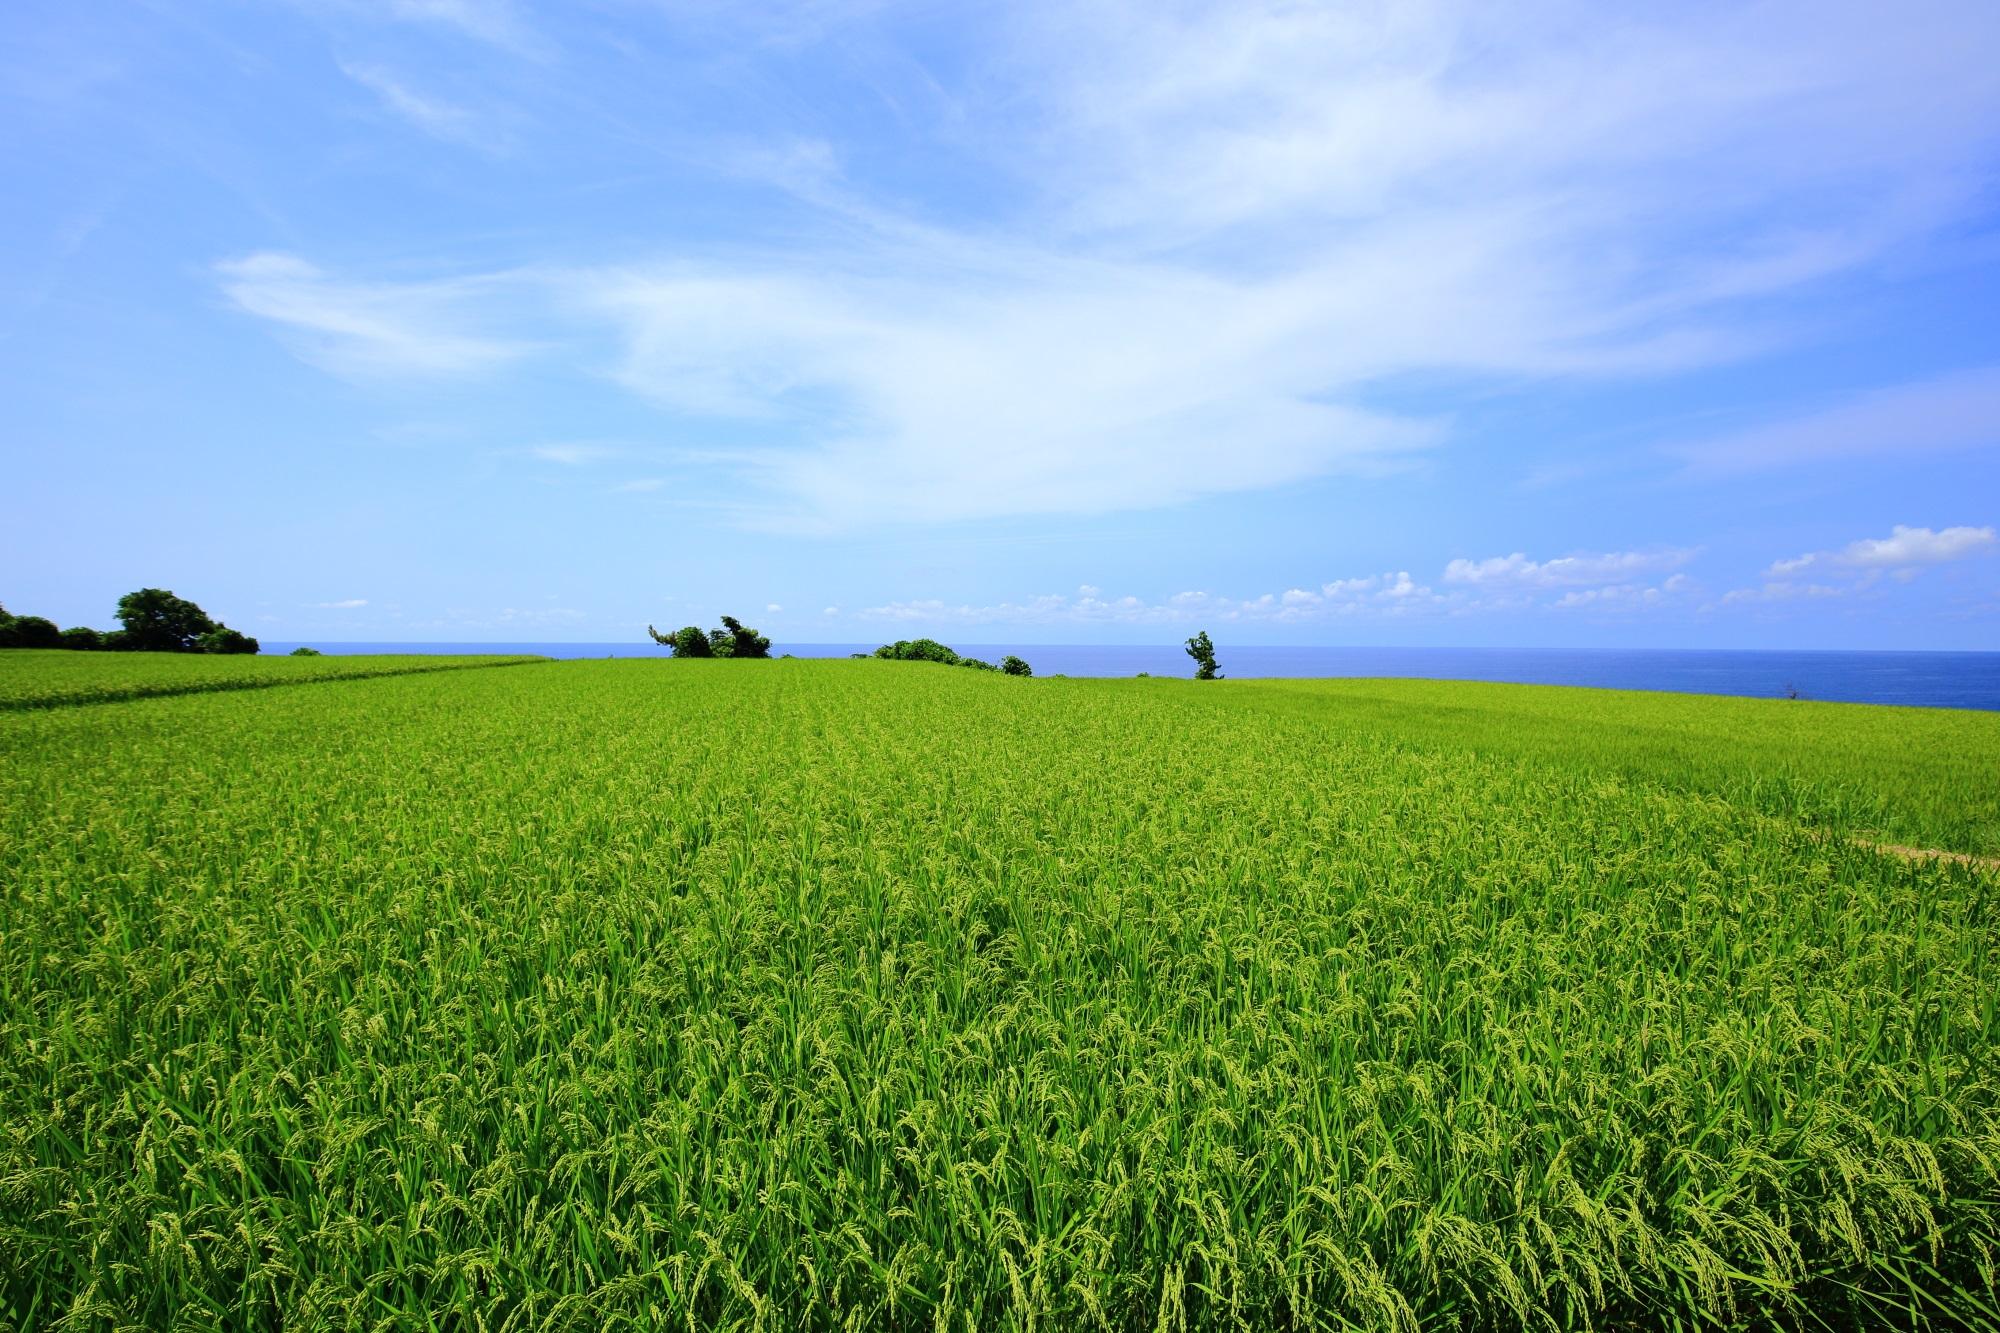 何もないのが素晴らしい京丹後の田園風景